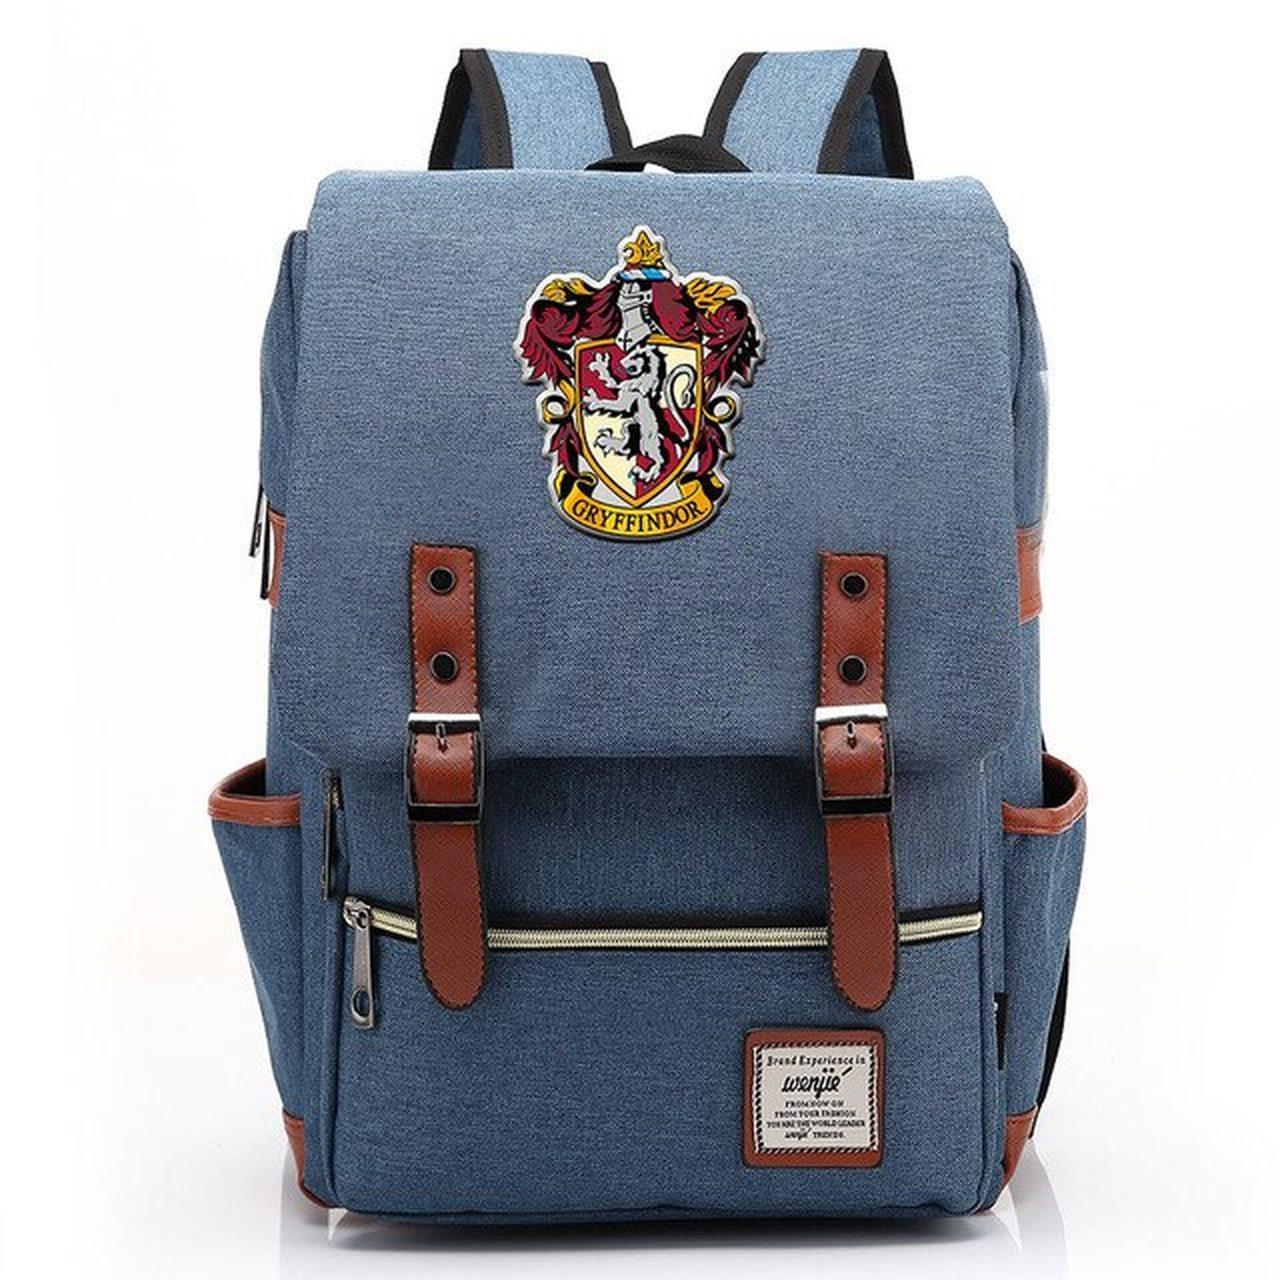 Mochila Hogwarts Casa Grifinória: Harry Potter (Azul) - EV